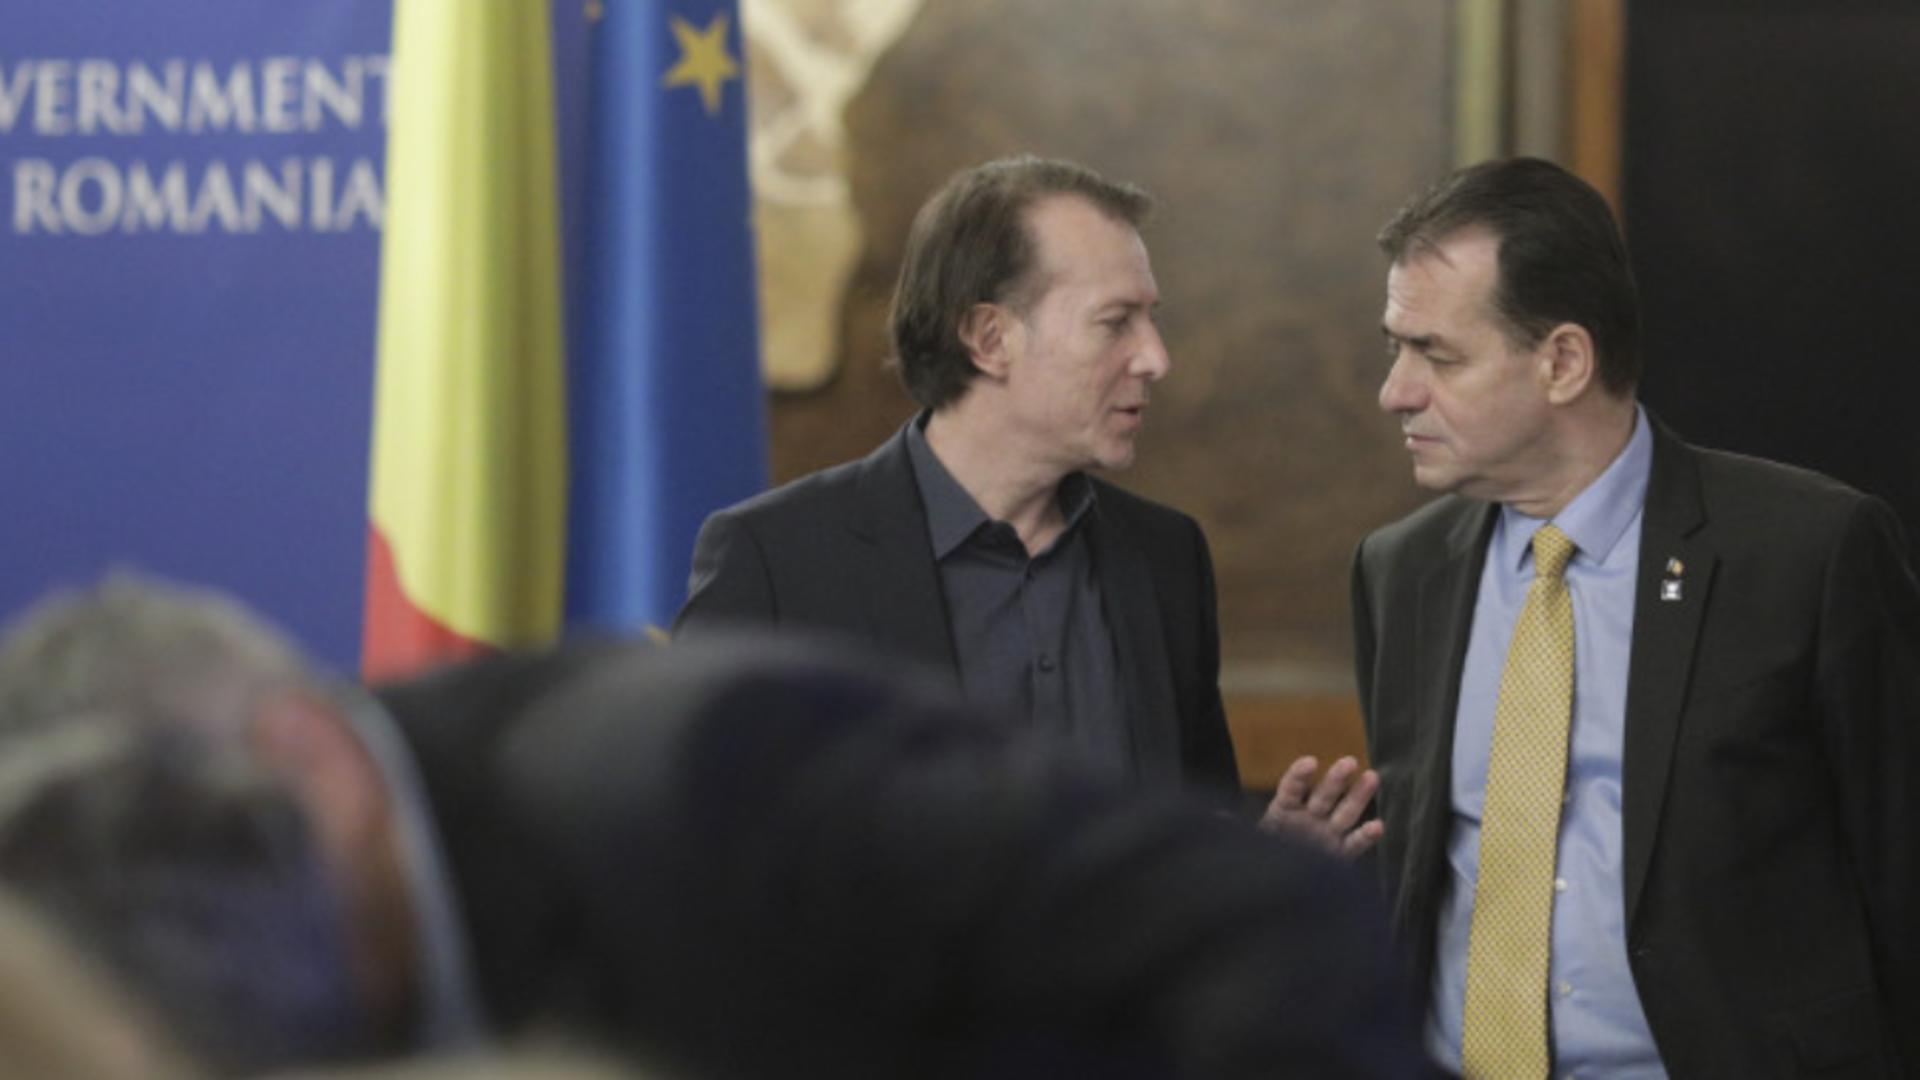 Florin Cîțu și Ludovic Orban, față în față la Cotroceni Foto: INQUAM/Octav Ganea/Presidency.ro